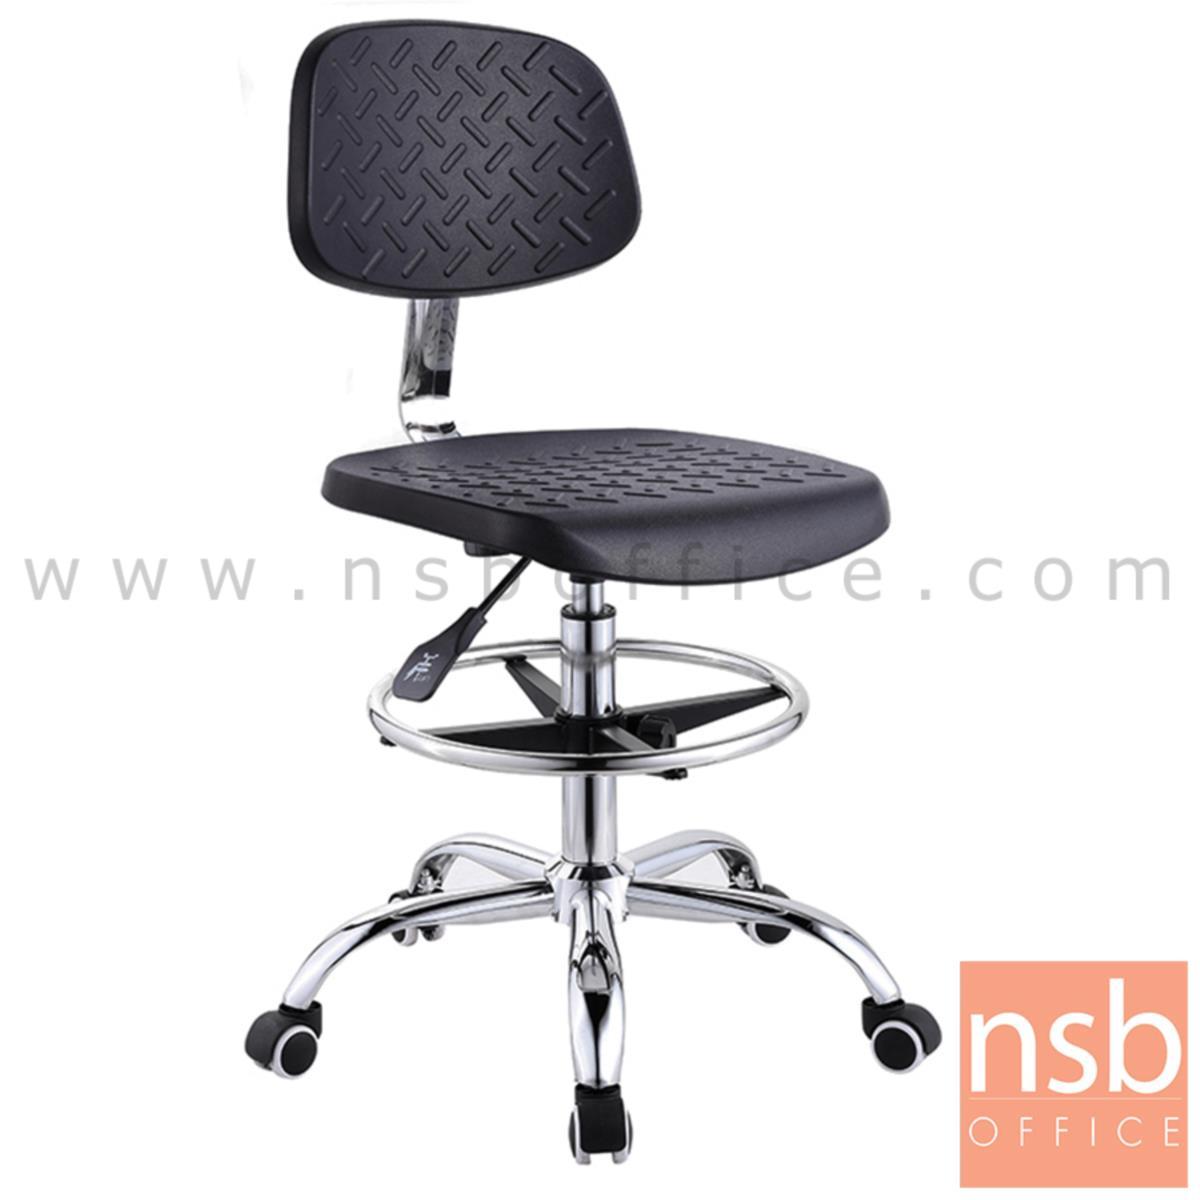 B02A070:เก้าอี้บาร์ที่นั่งเหลี่ยมล้อเลื่อน รุ่น Meryl (เมอรีล)  โช๊คแก๊ส ขาเหล็กชุบโครเมี่ยม